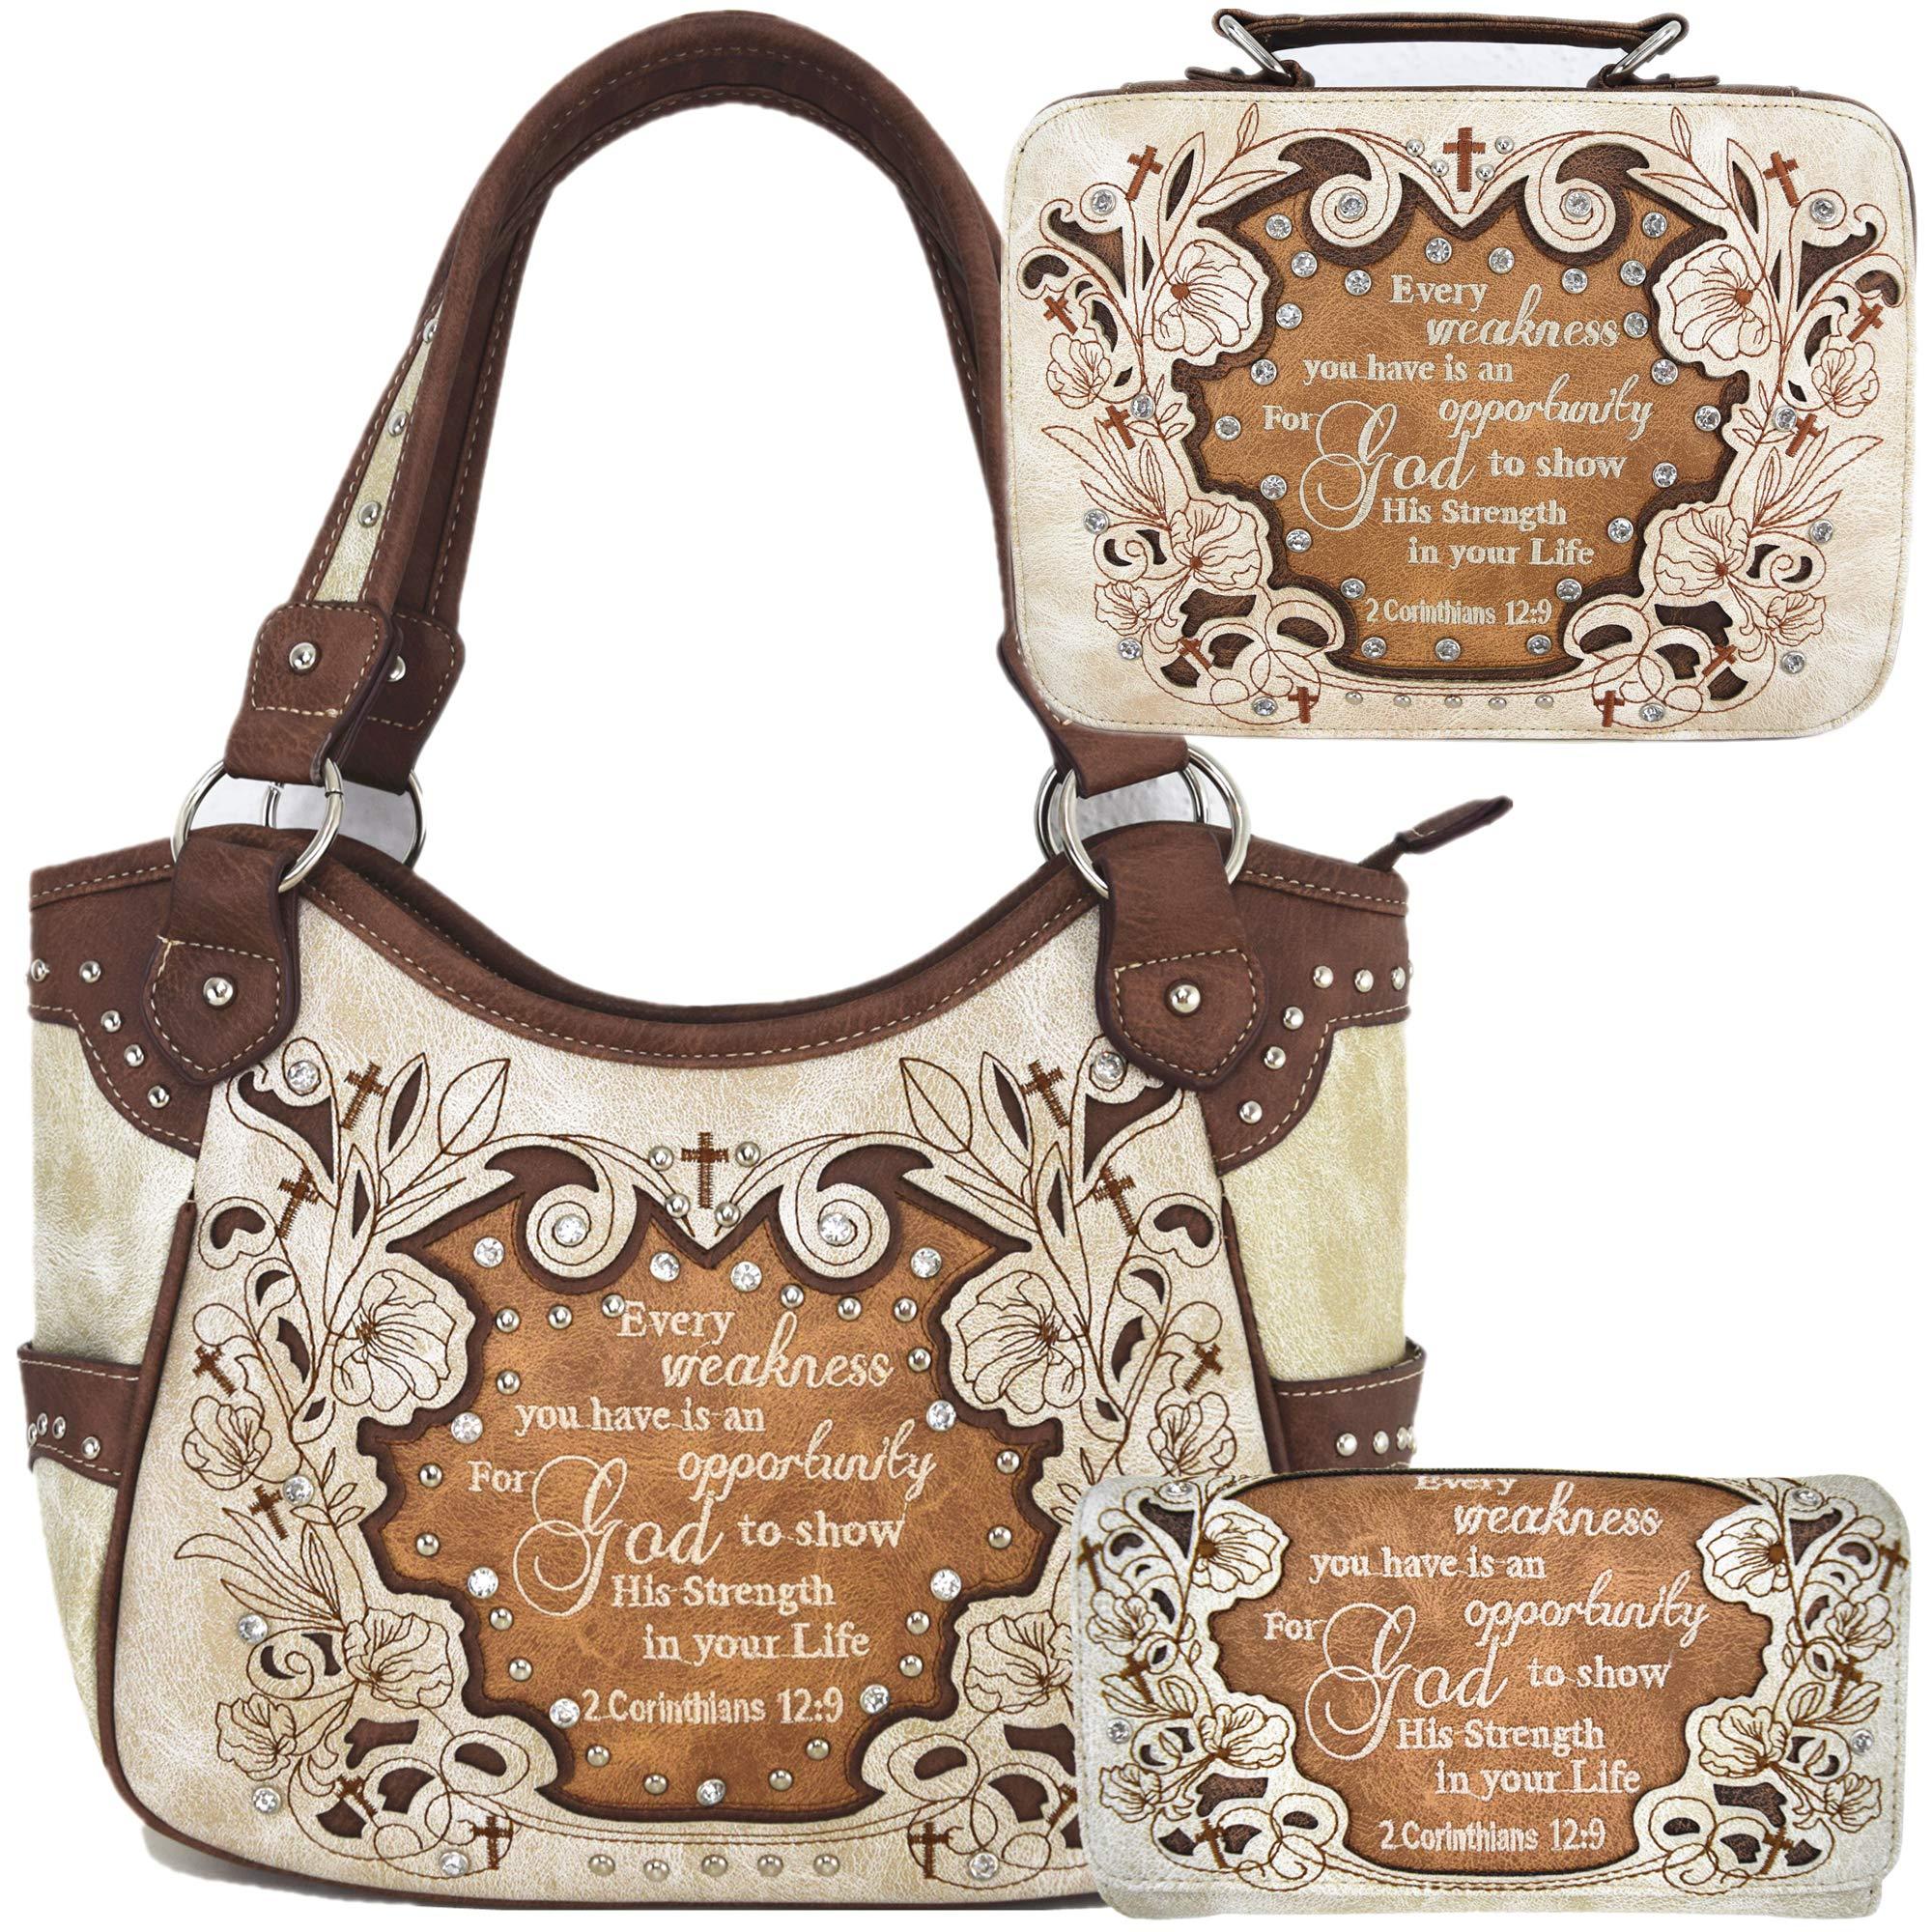 Scripture Cross 女士单肩包钱包圣经封面套装西部隐藏手提包乡村手提包